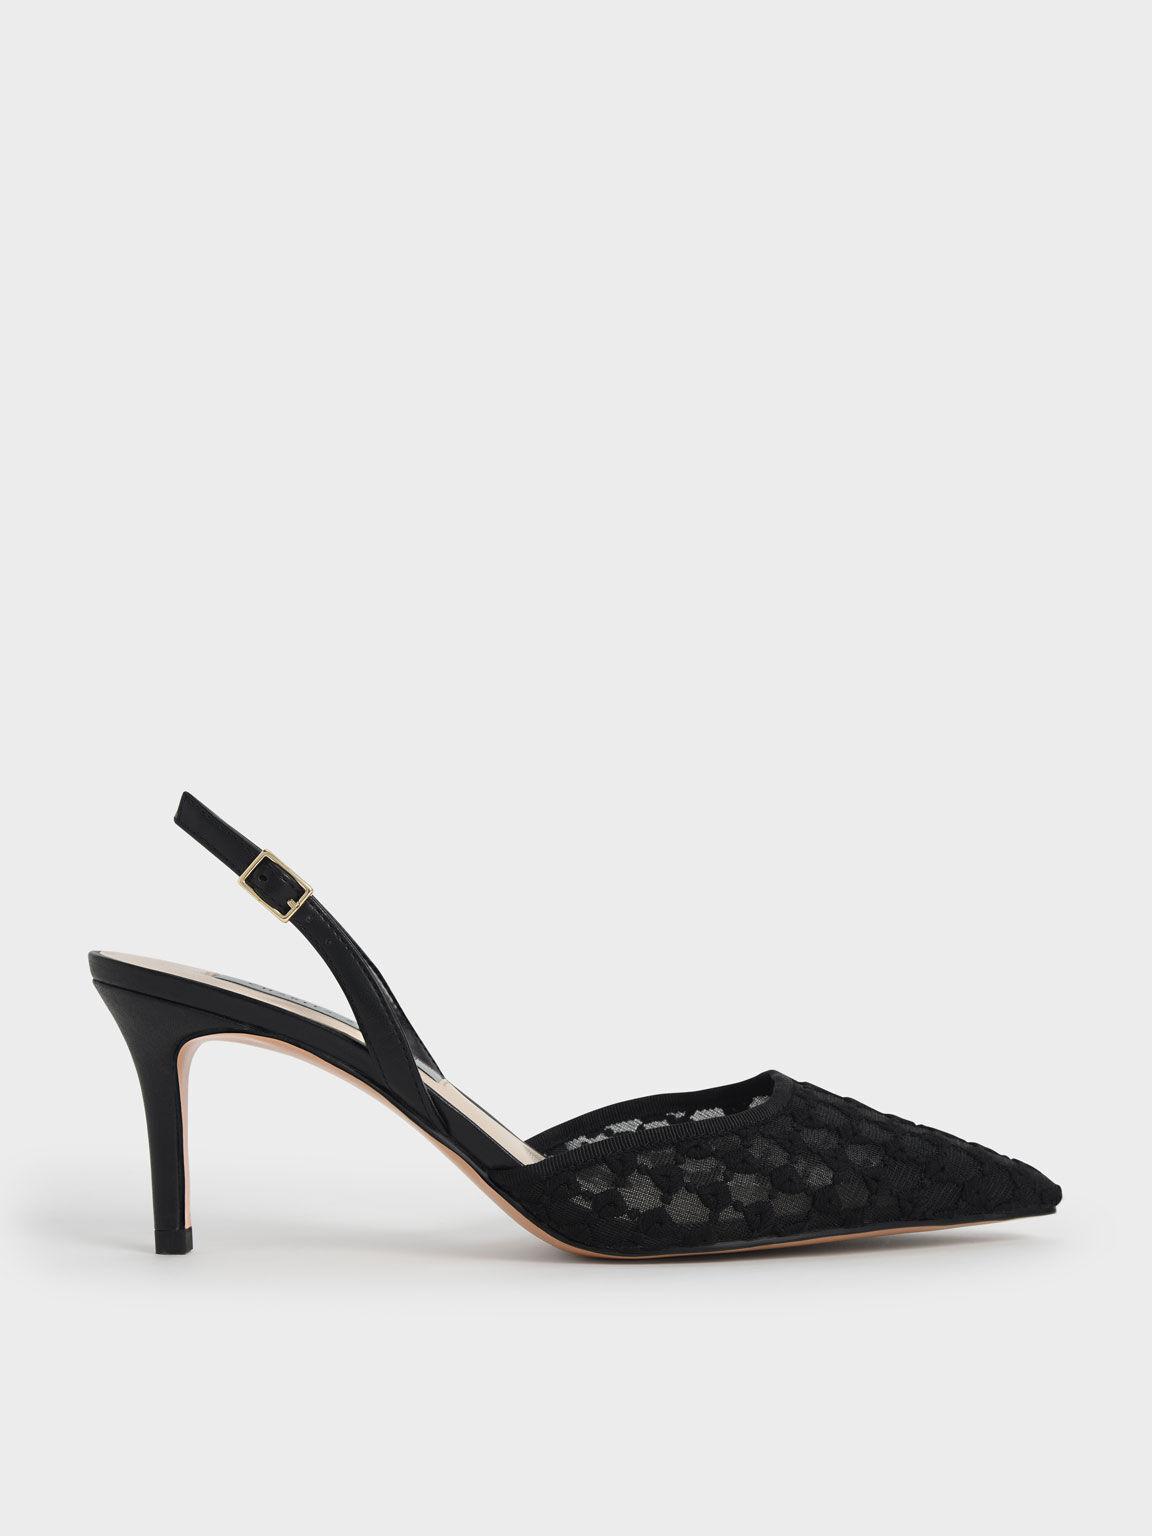 蕾絲編織細跟鞋, 黑色, hi-res